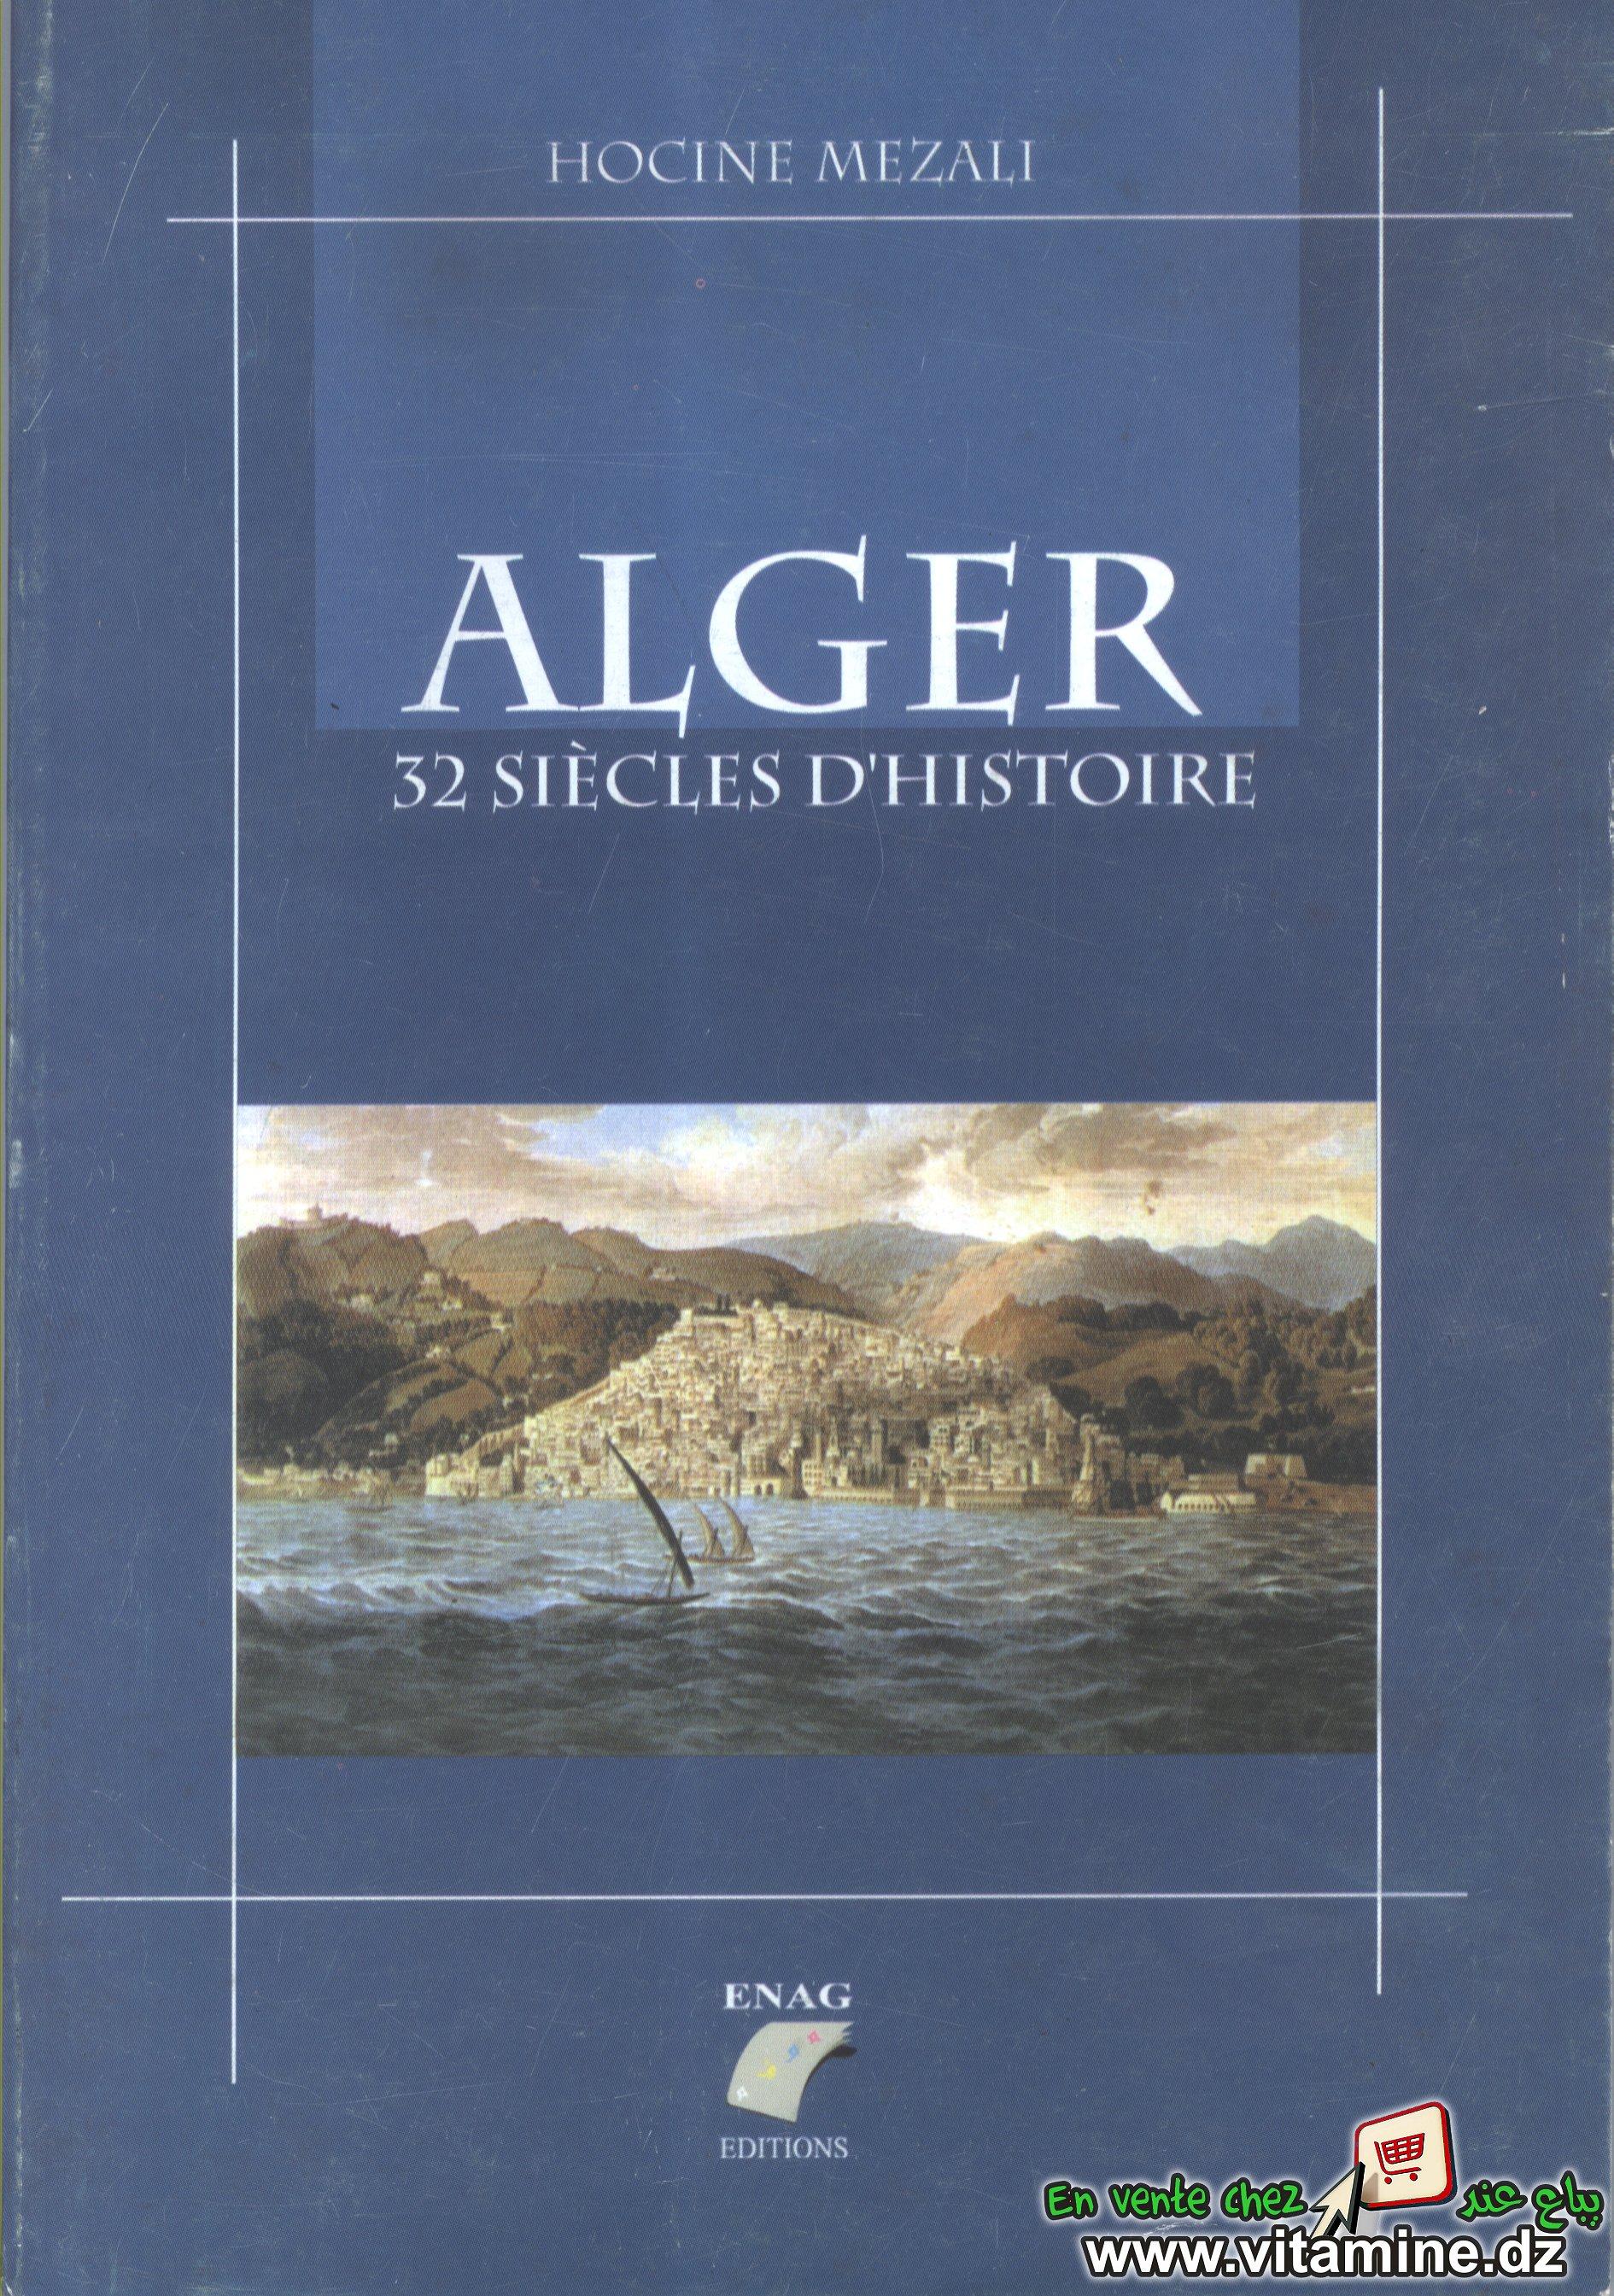 Hocine Mezali - Alger 32 siècles d'histoire